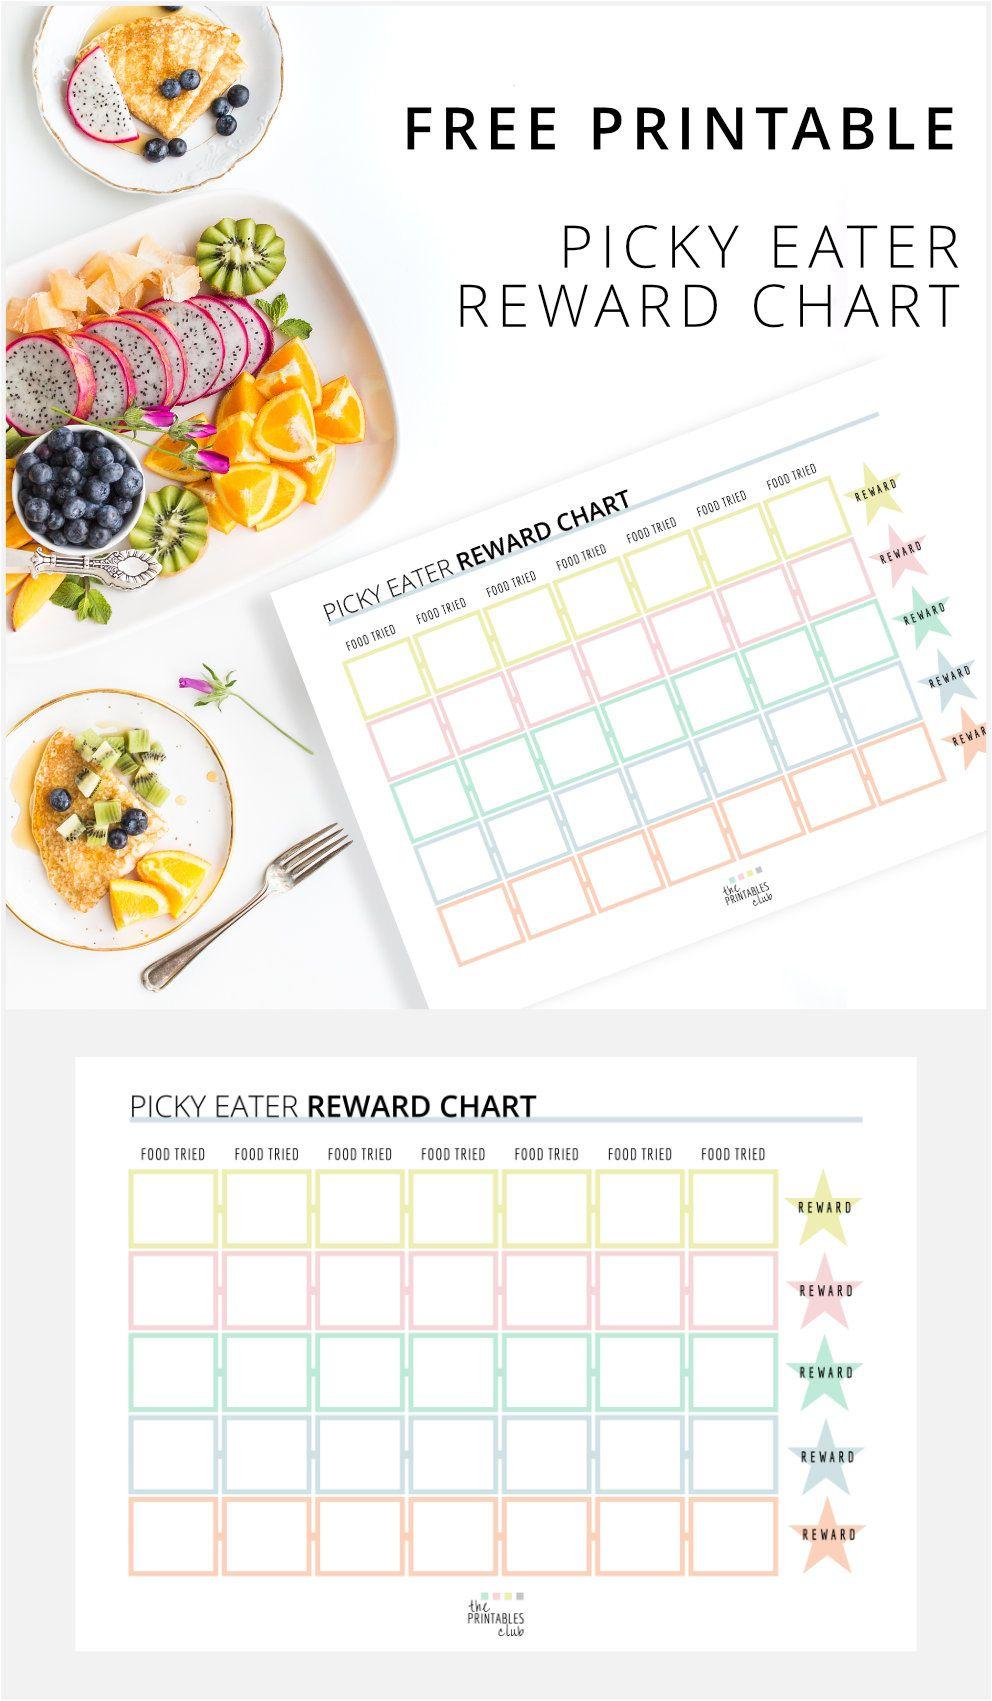 92631bc50d77569ae84eb269418092ed - How To Get My Picky Eater To Try New Foods